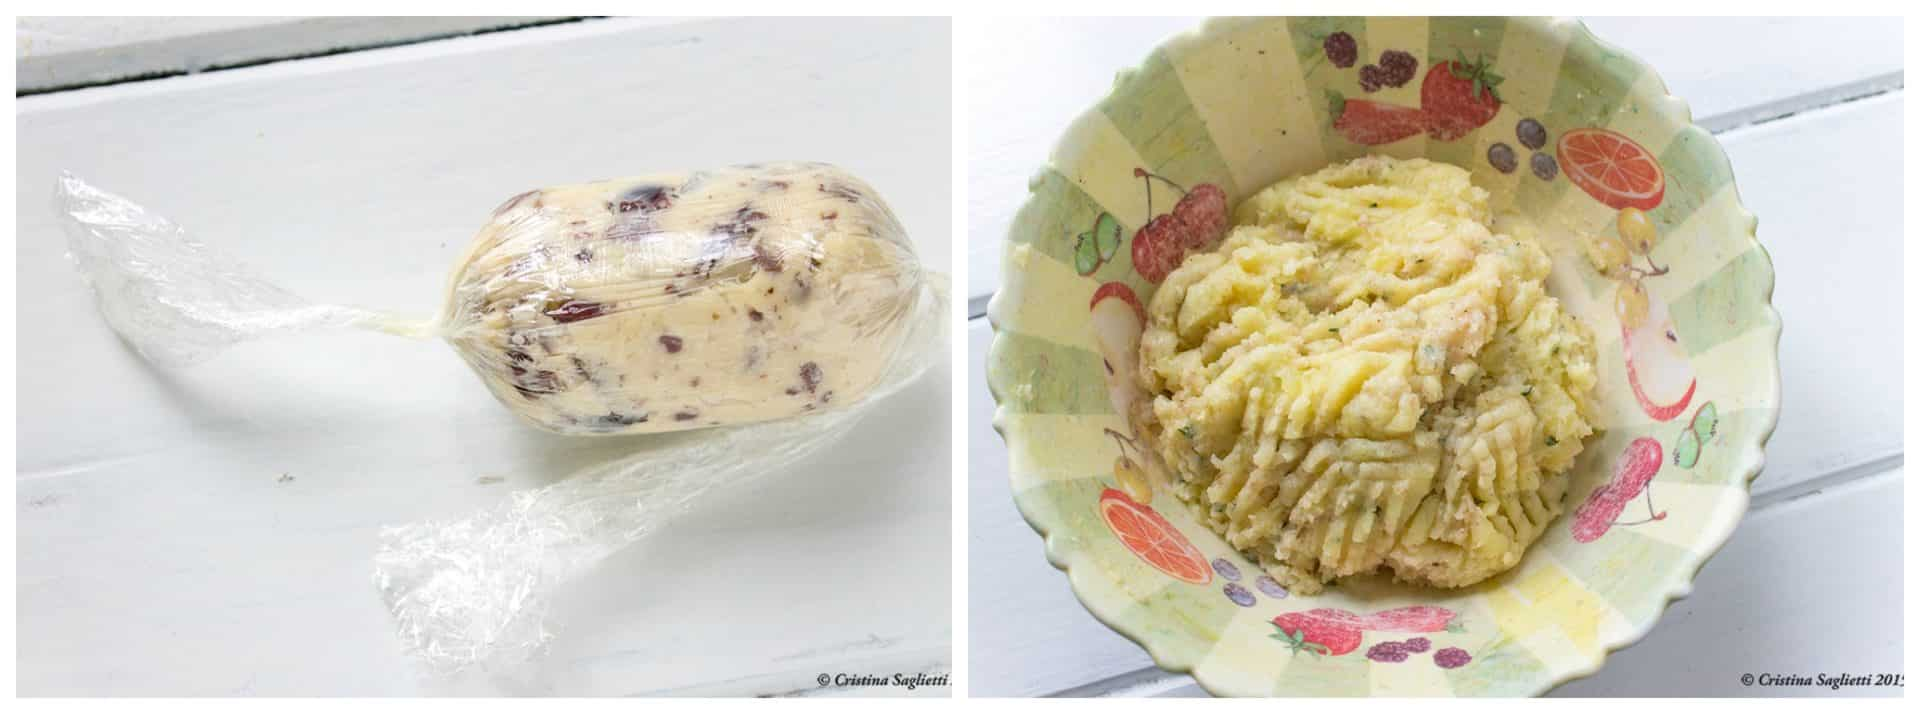 quaglie-disossate-ripiene-contemporaneo-food